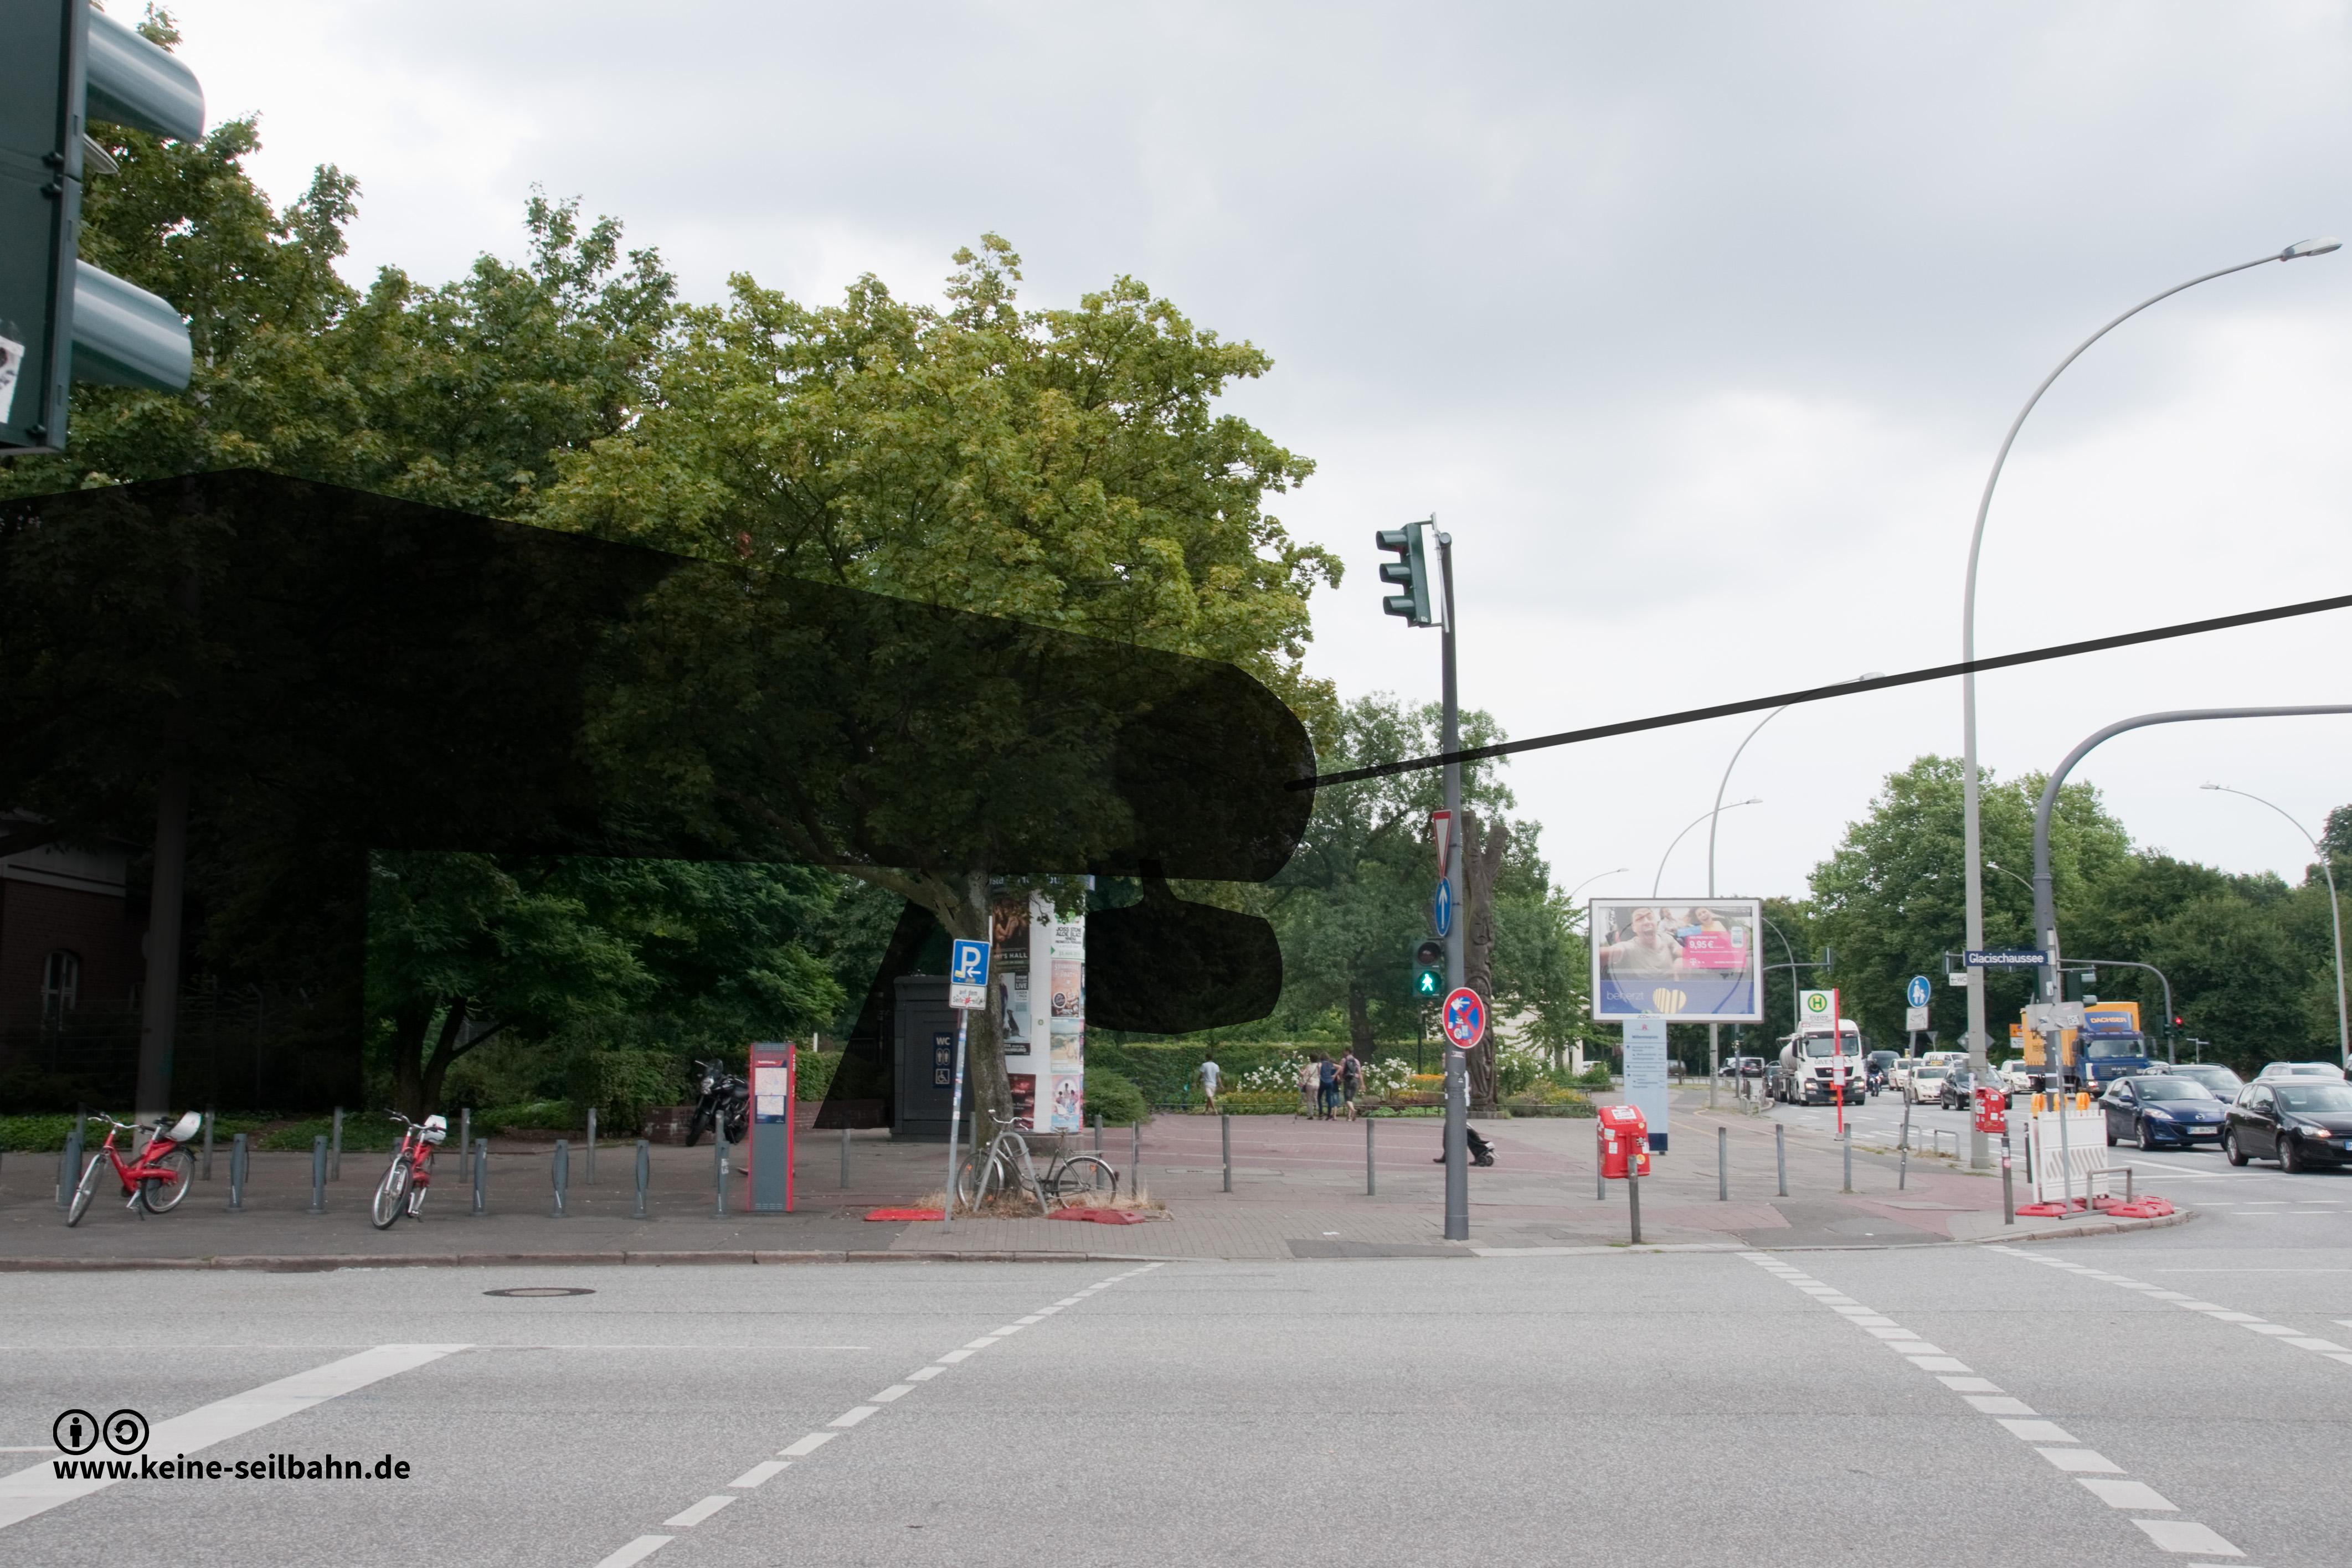 Bilder – Downloads - Keine Seilbahn über Hamburg